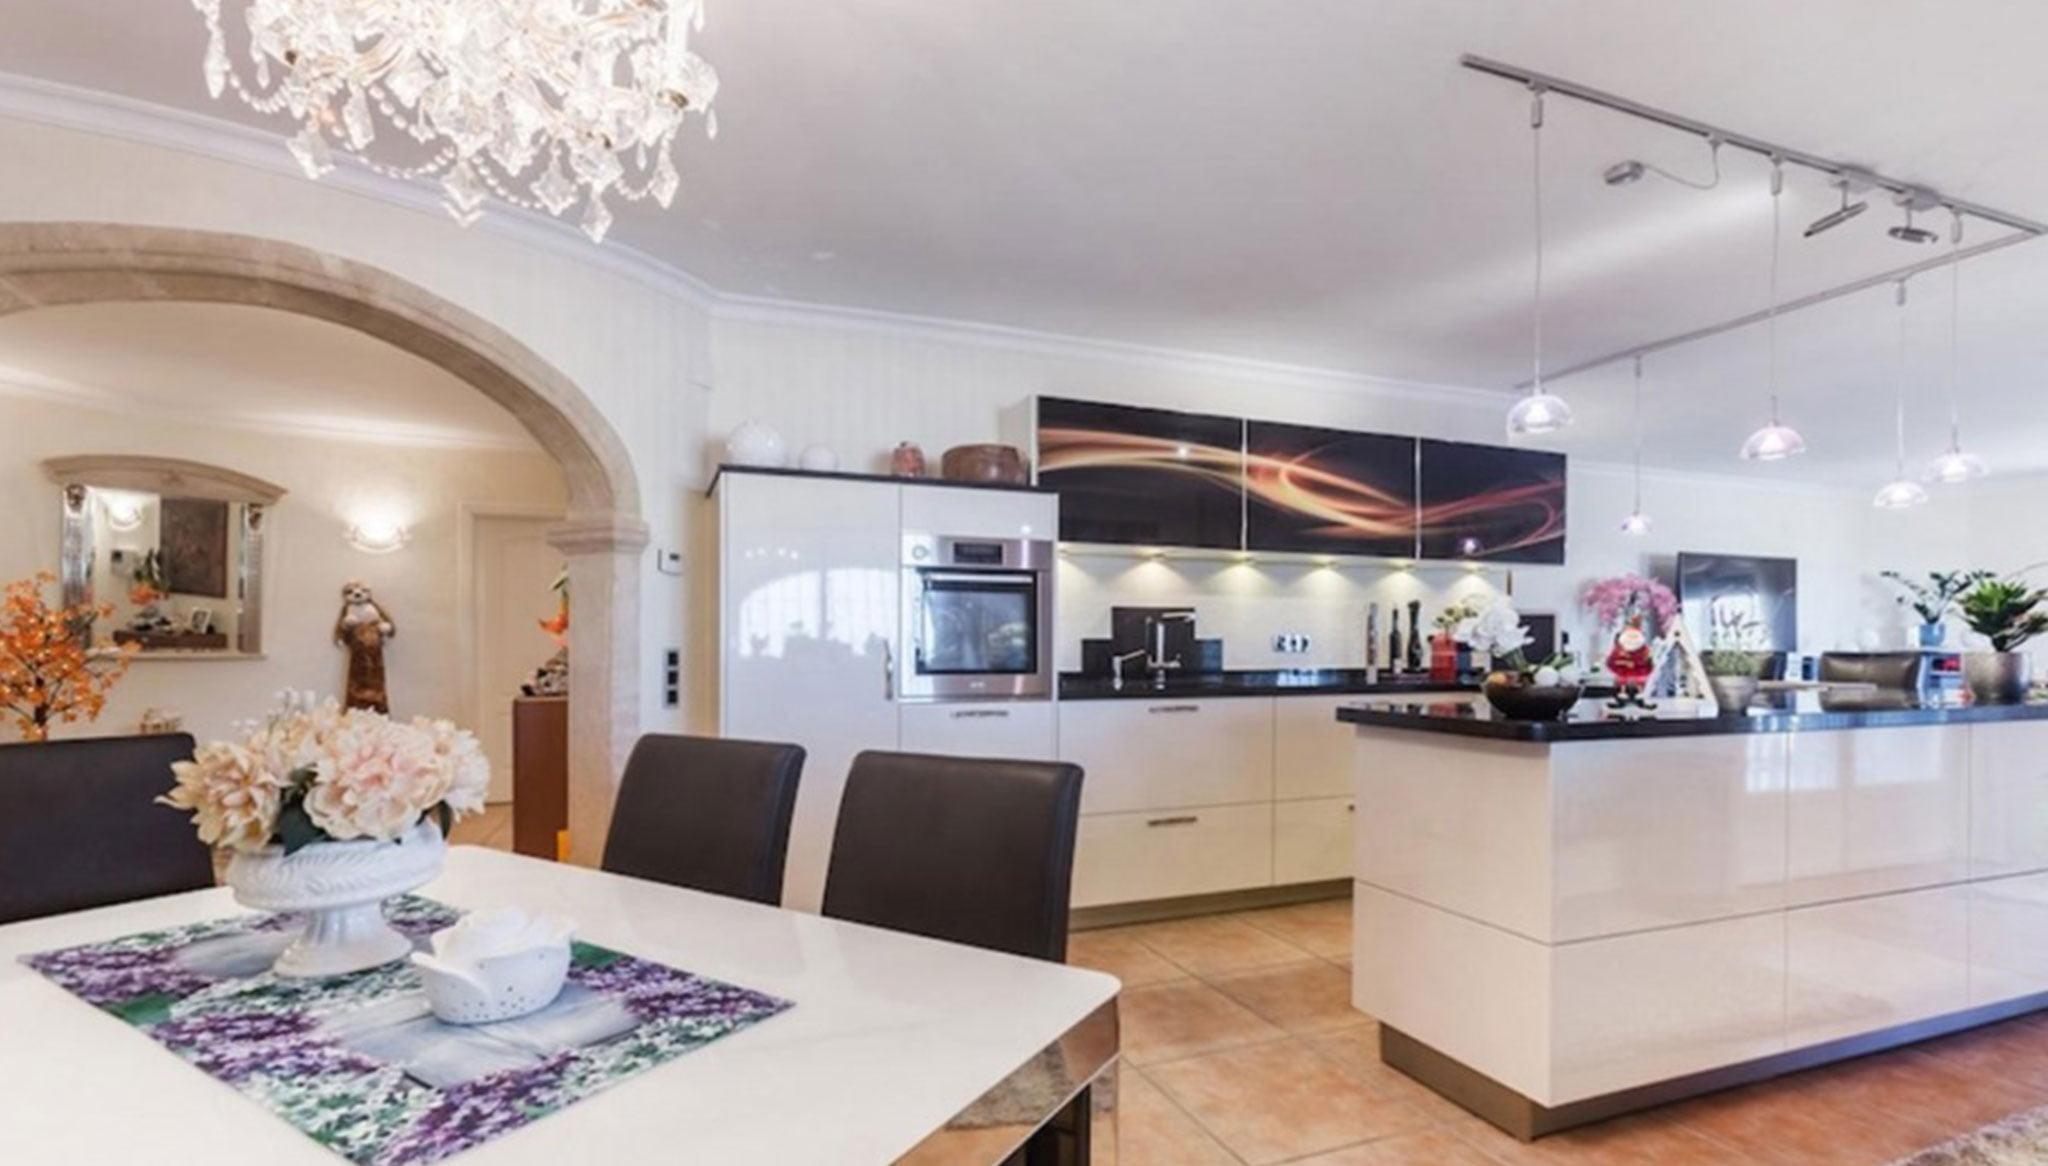 Cocina en una casa de alto standing en venta en Jávea – Terramar Costa Blanca